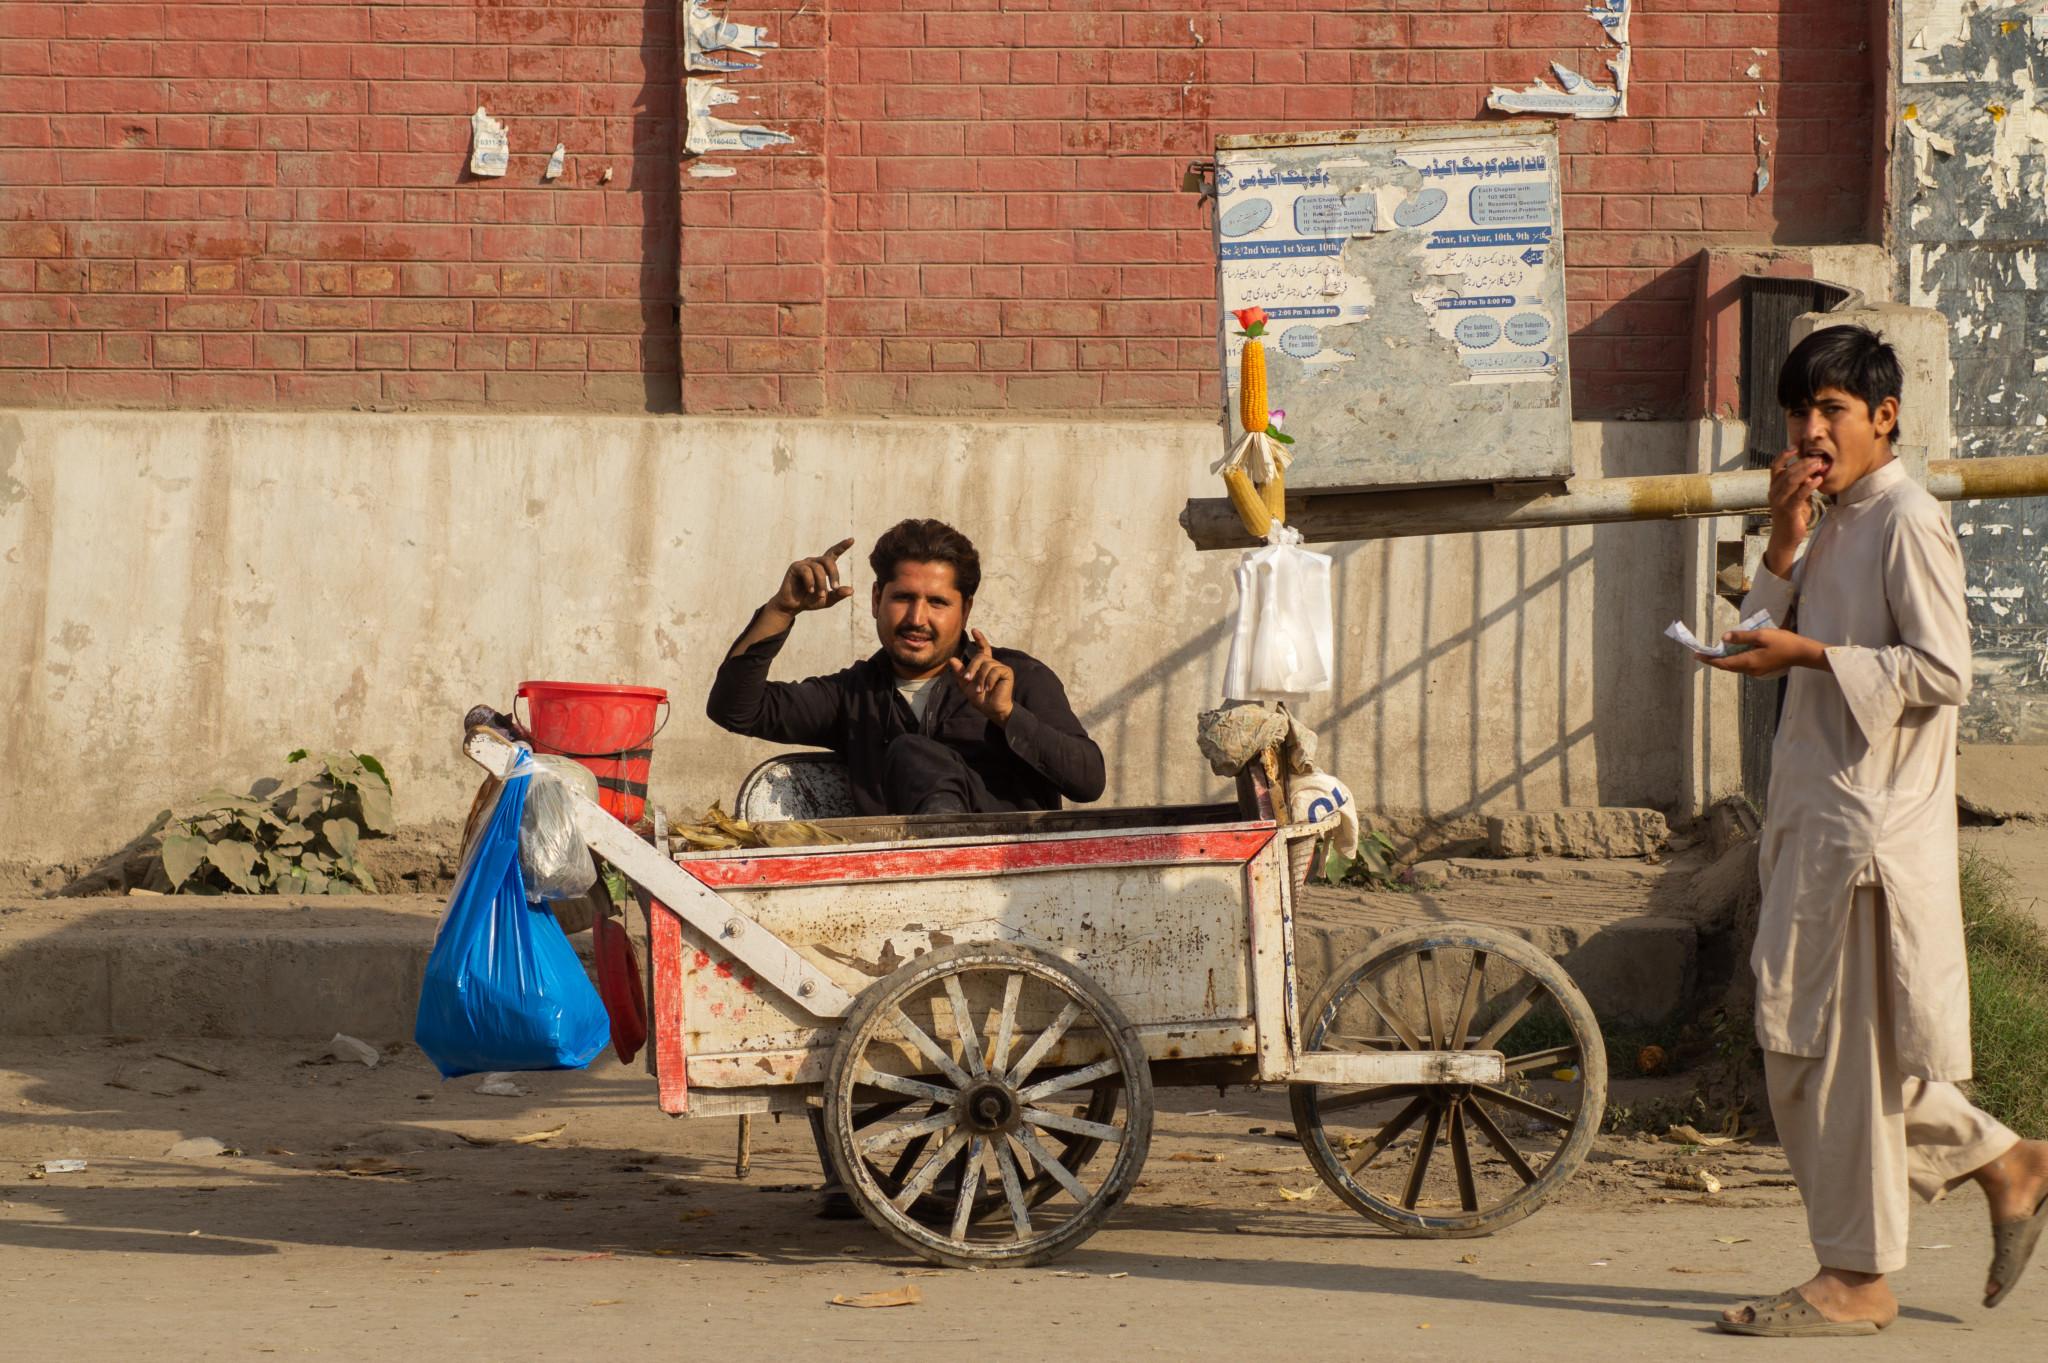 Vorkehrungen für die Gesundheit vor einem Urlaub in Pakistan ist wichtig